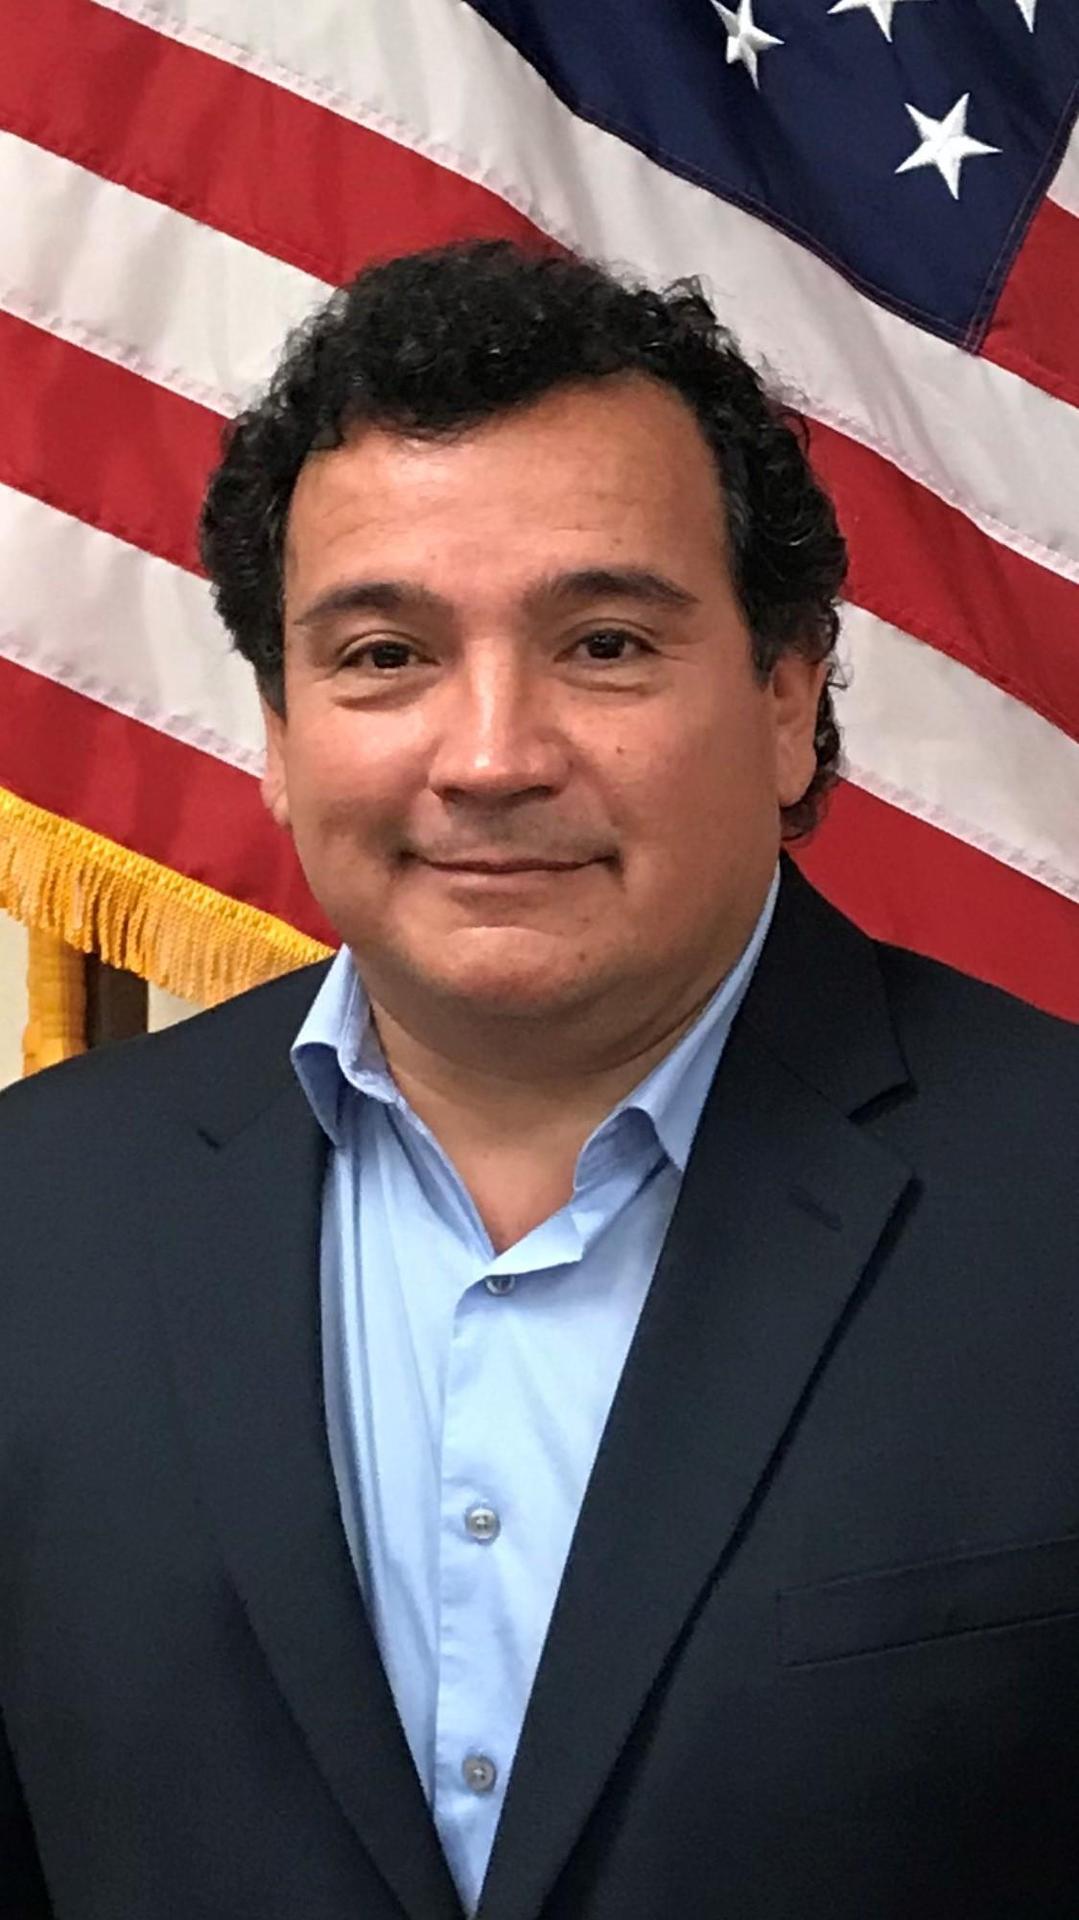 Mr. Cortez